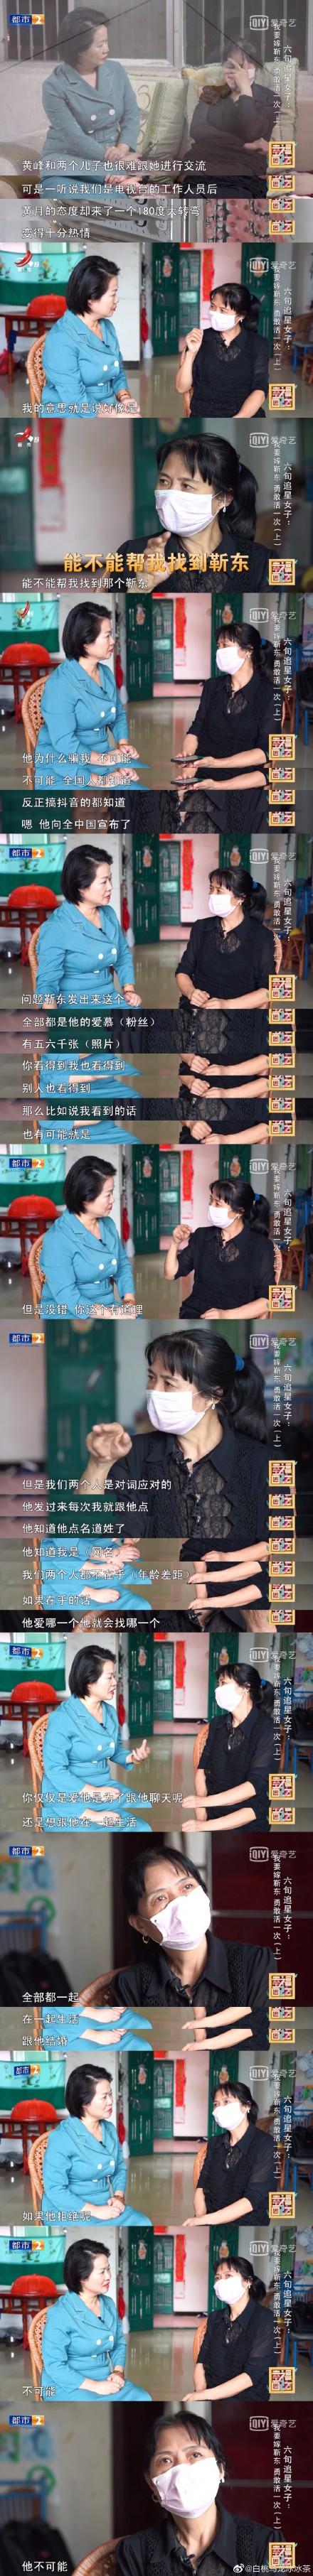 靳东60岁老年粉,为追星减肥10斤,不要丈夫儿子还离家出走